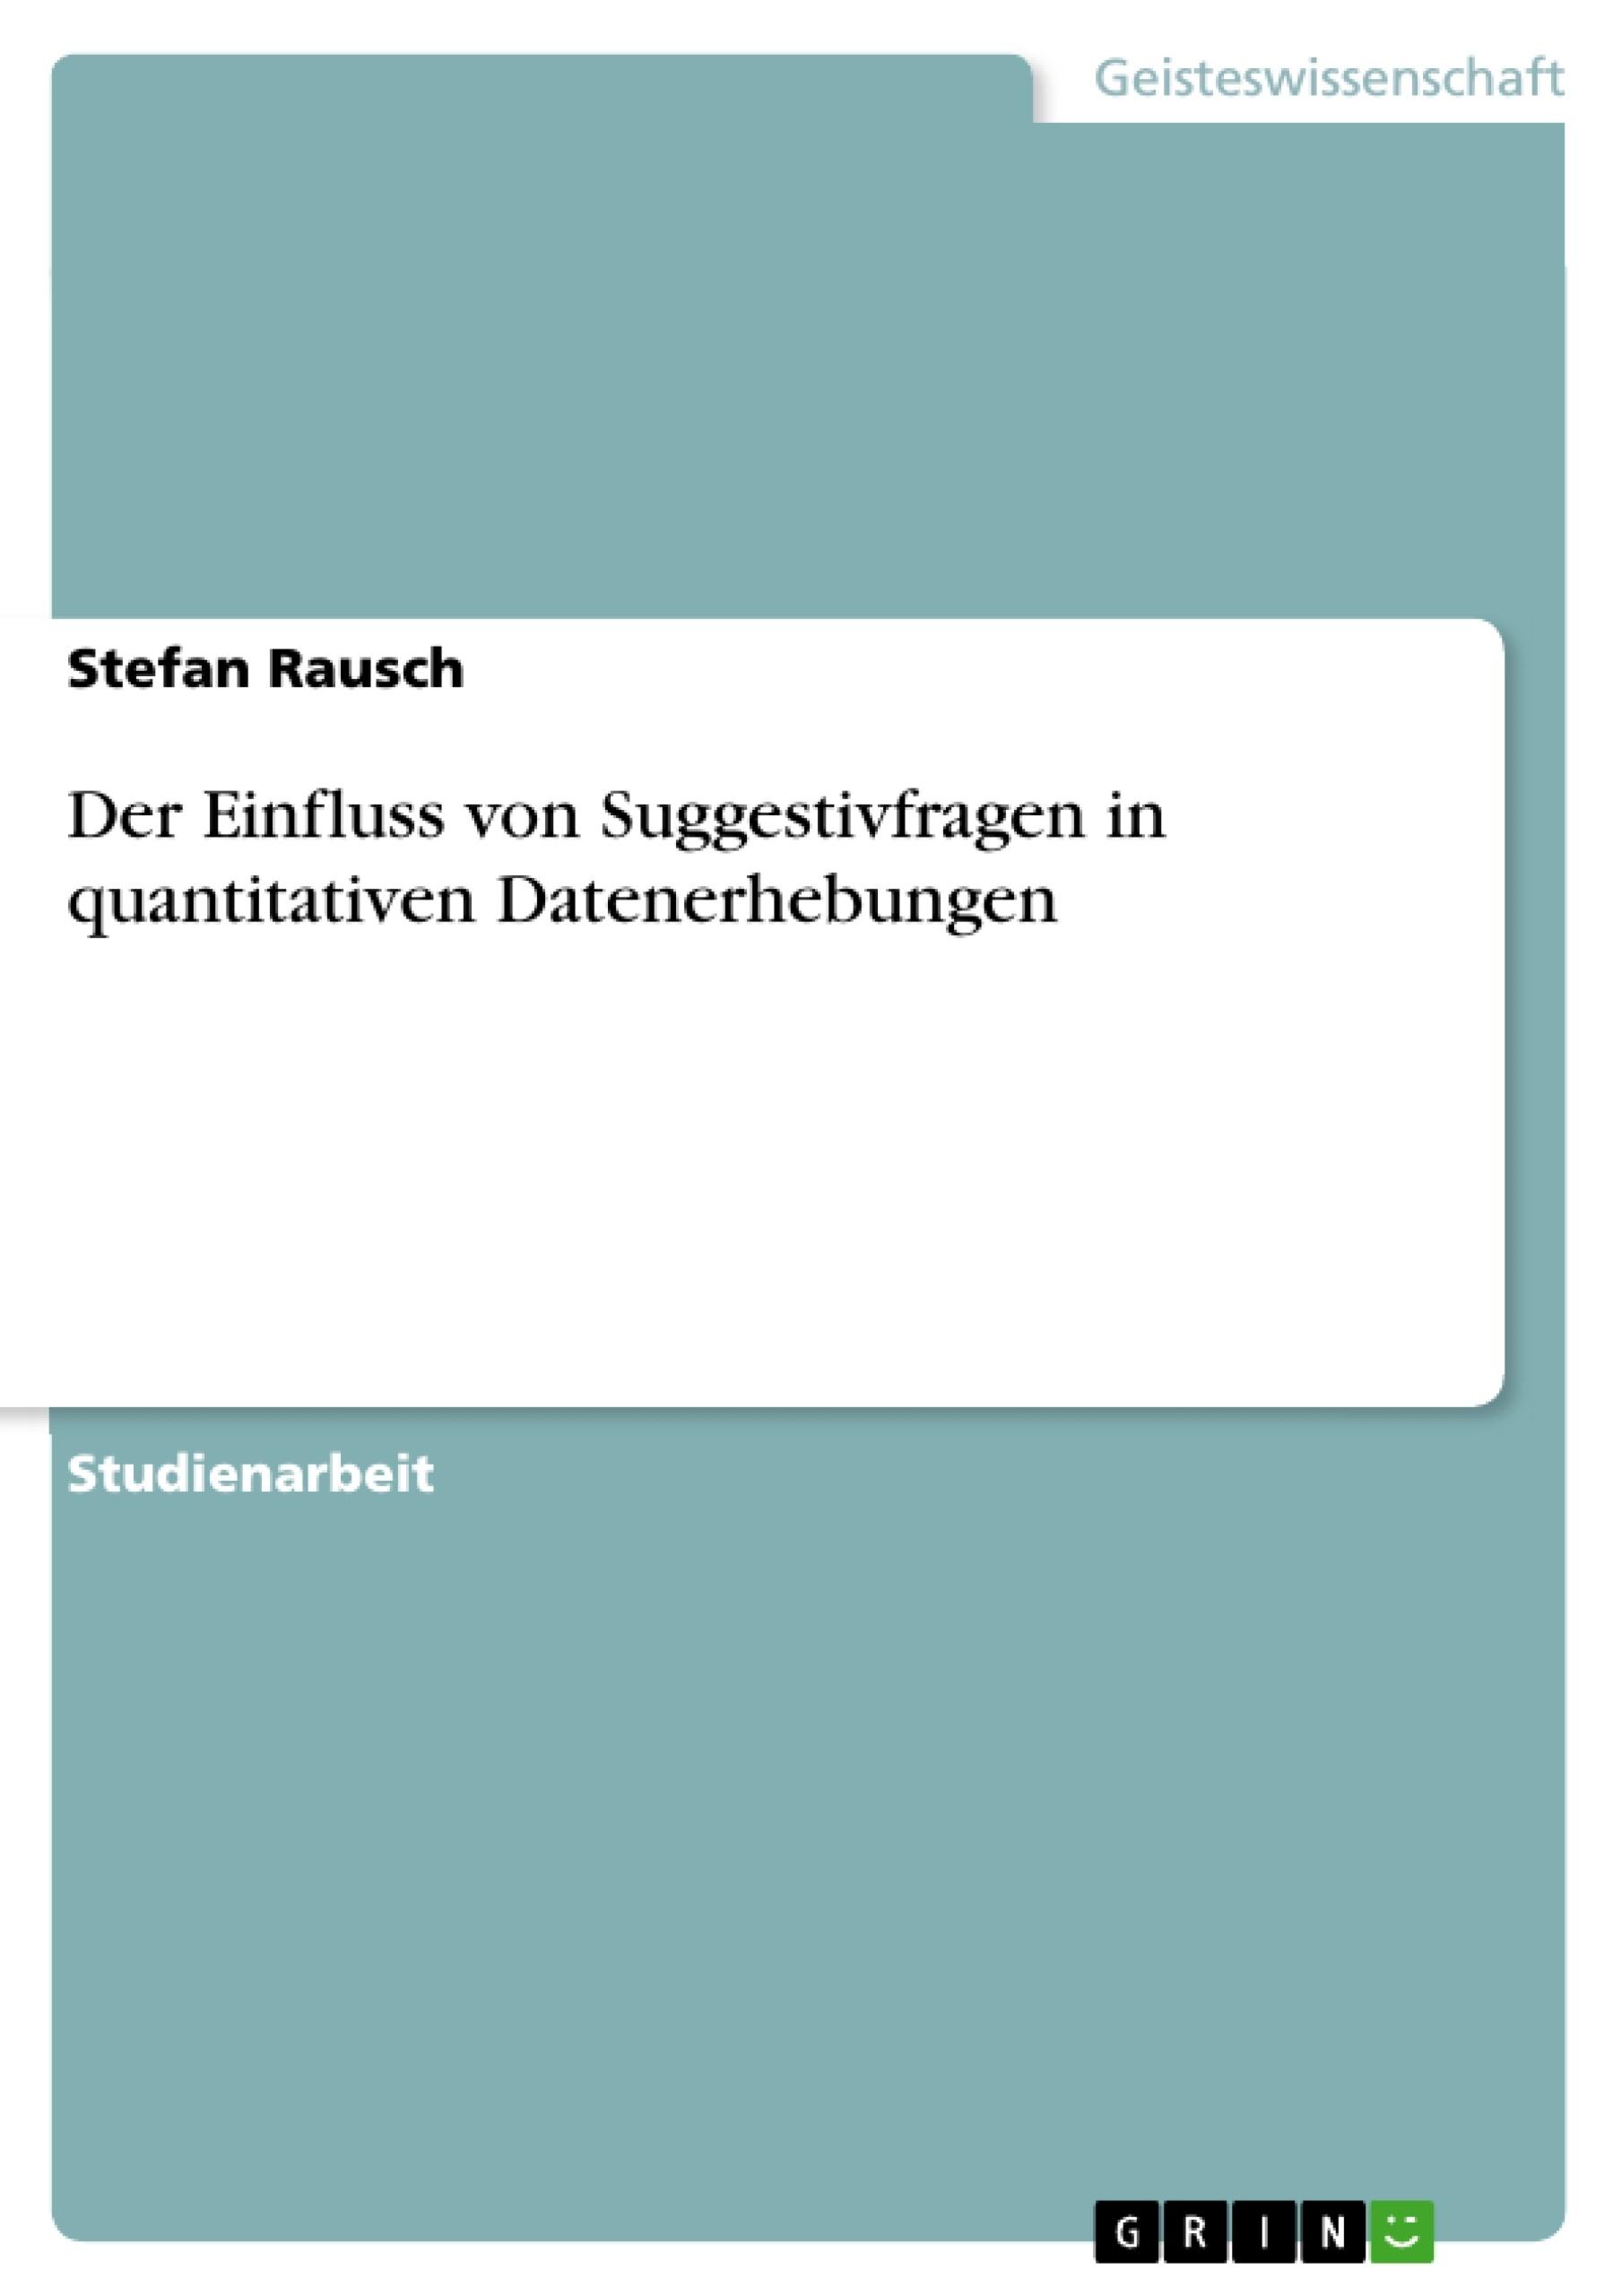 Titel: Der Einfluss von Suggestivfragen in quantitativen Datenerhebungen